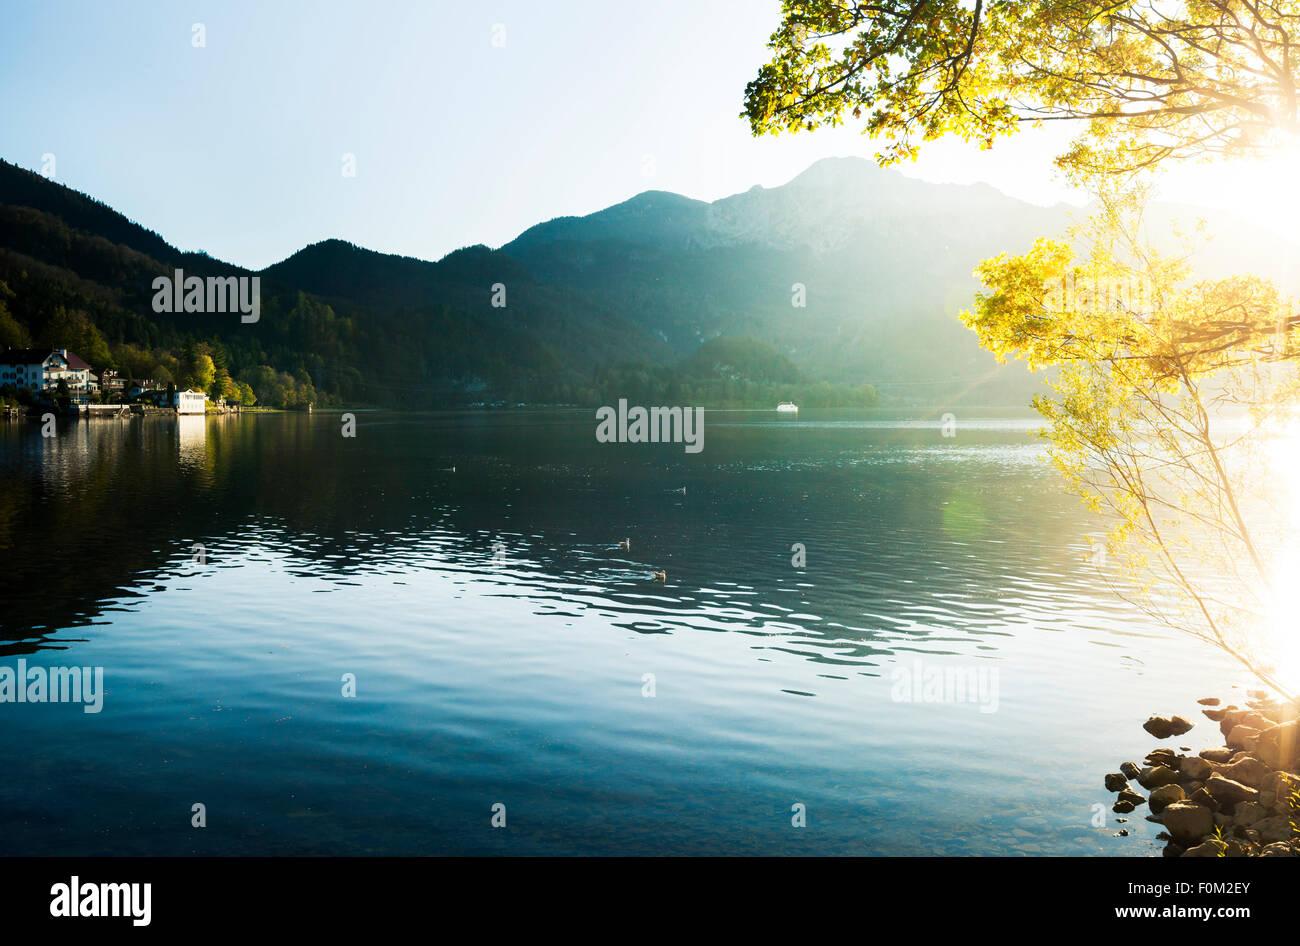 Puesta de sol sobre el lago Kochel, Baviera, Alemania Imagen De Stock